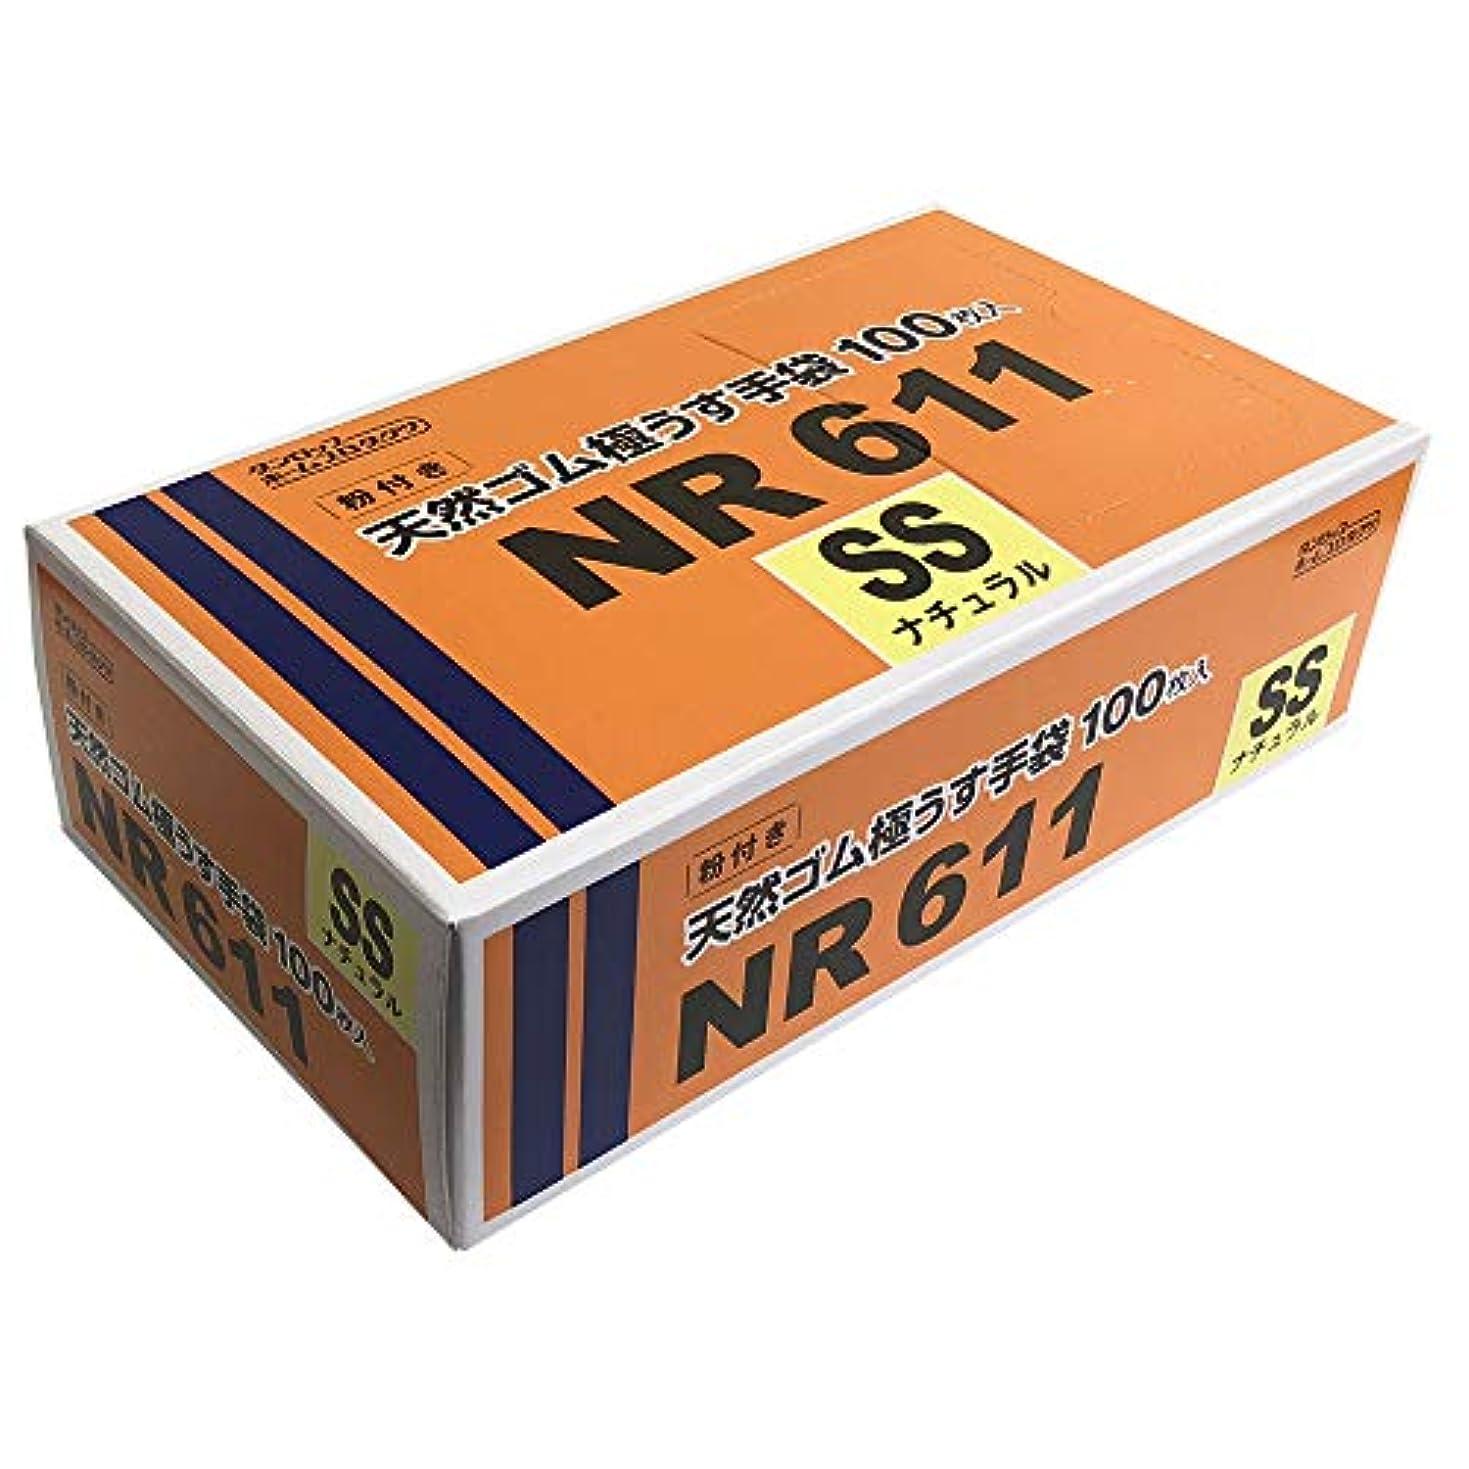 聖職者大きさコミットメントDP NR611 粉付天然ゴム極薄手袋SS-N